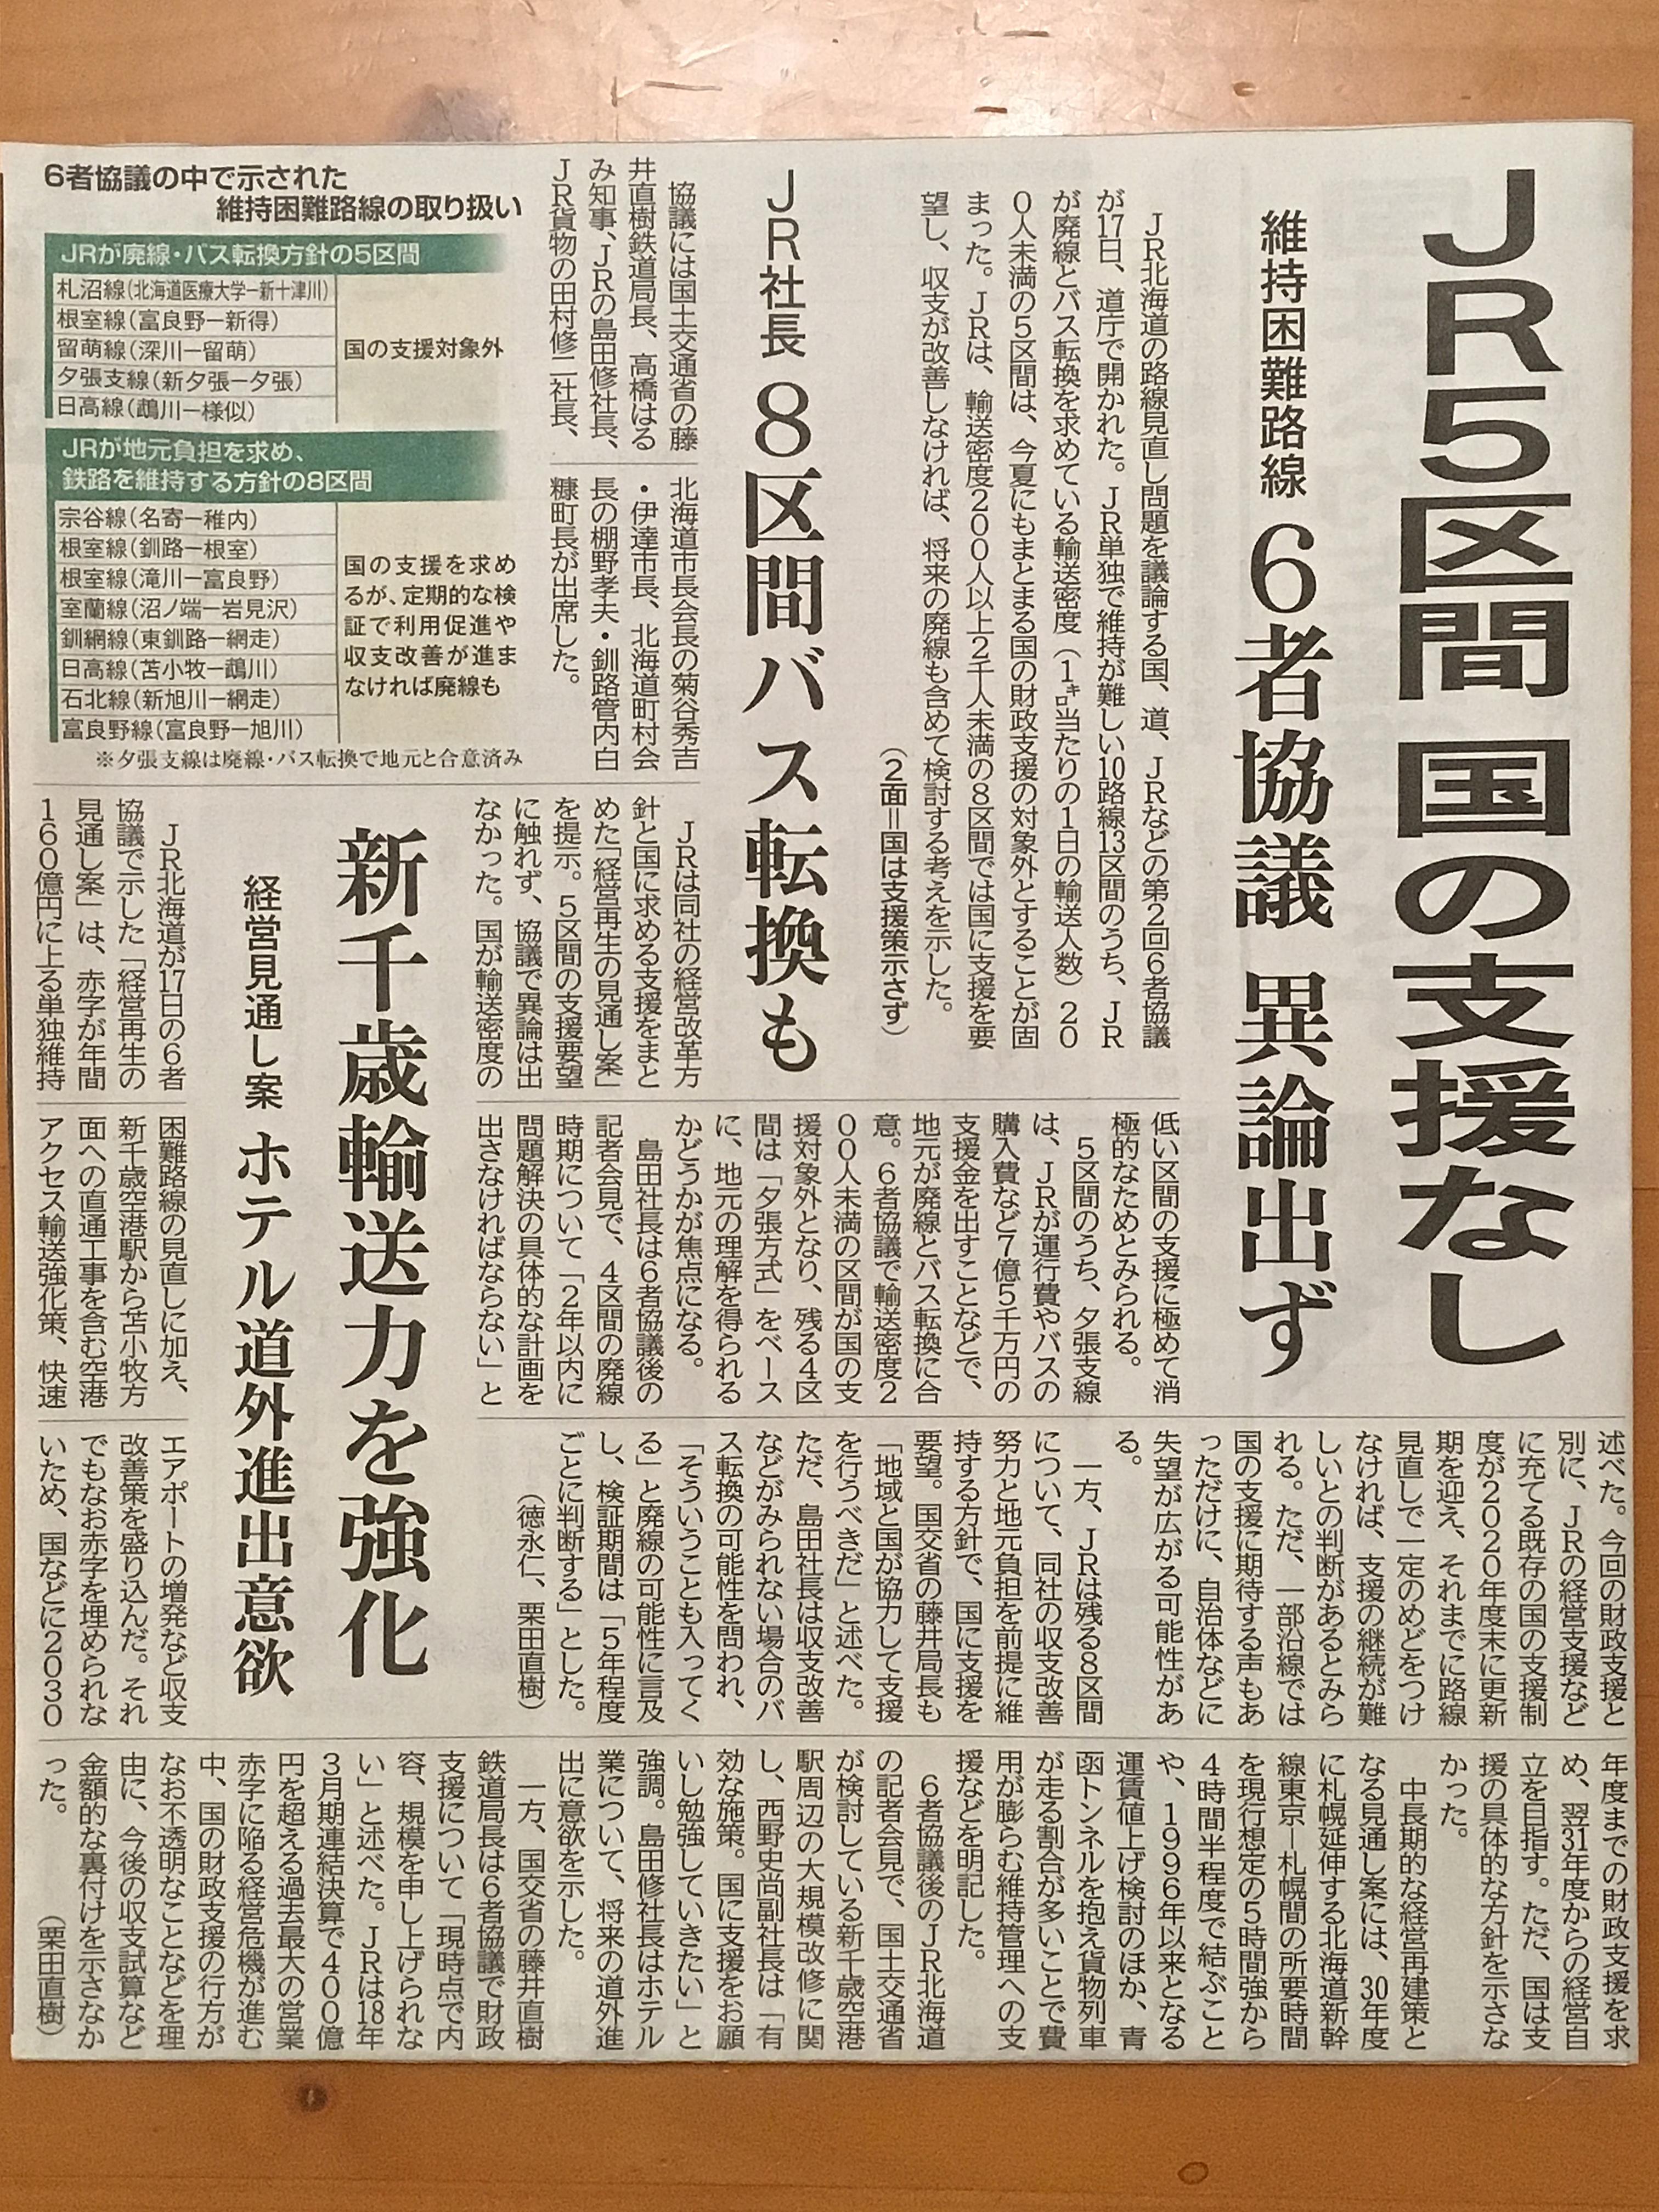 JR北海道廃止問題_180618.JPG